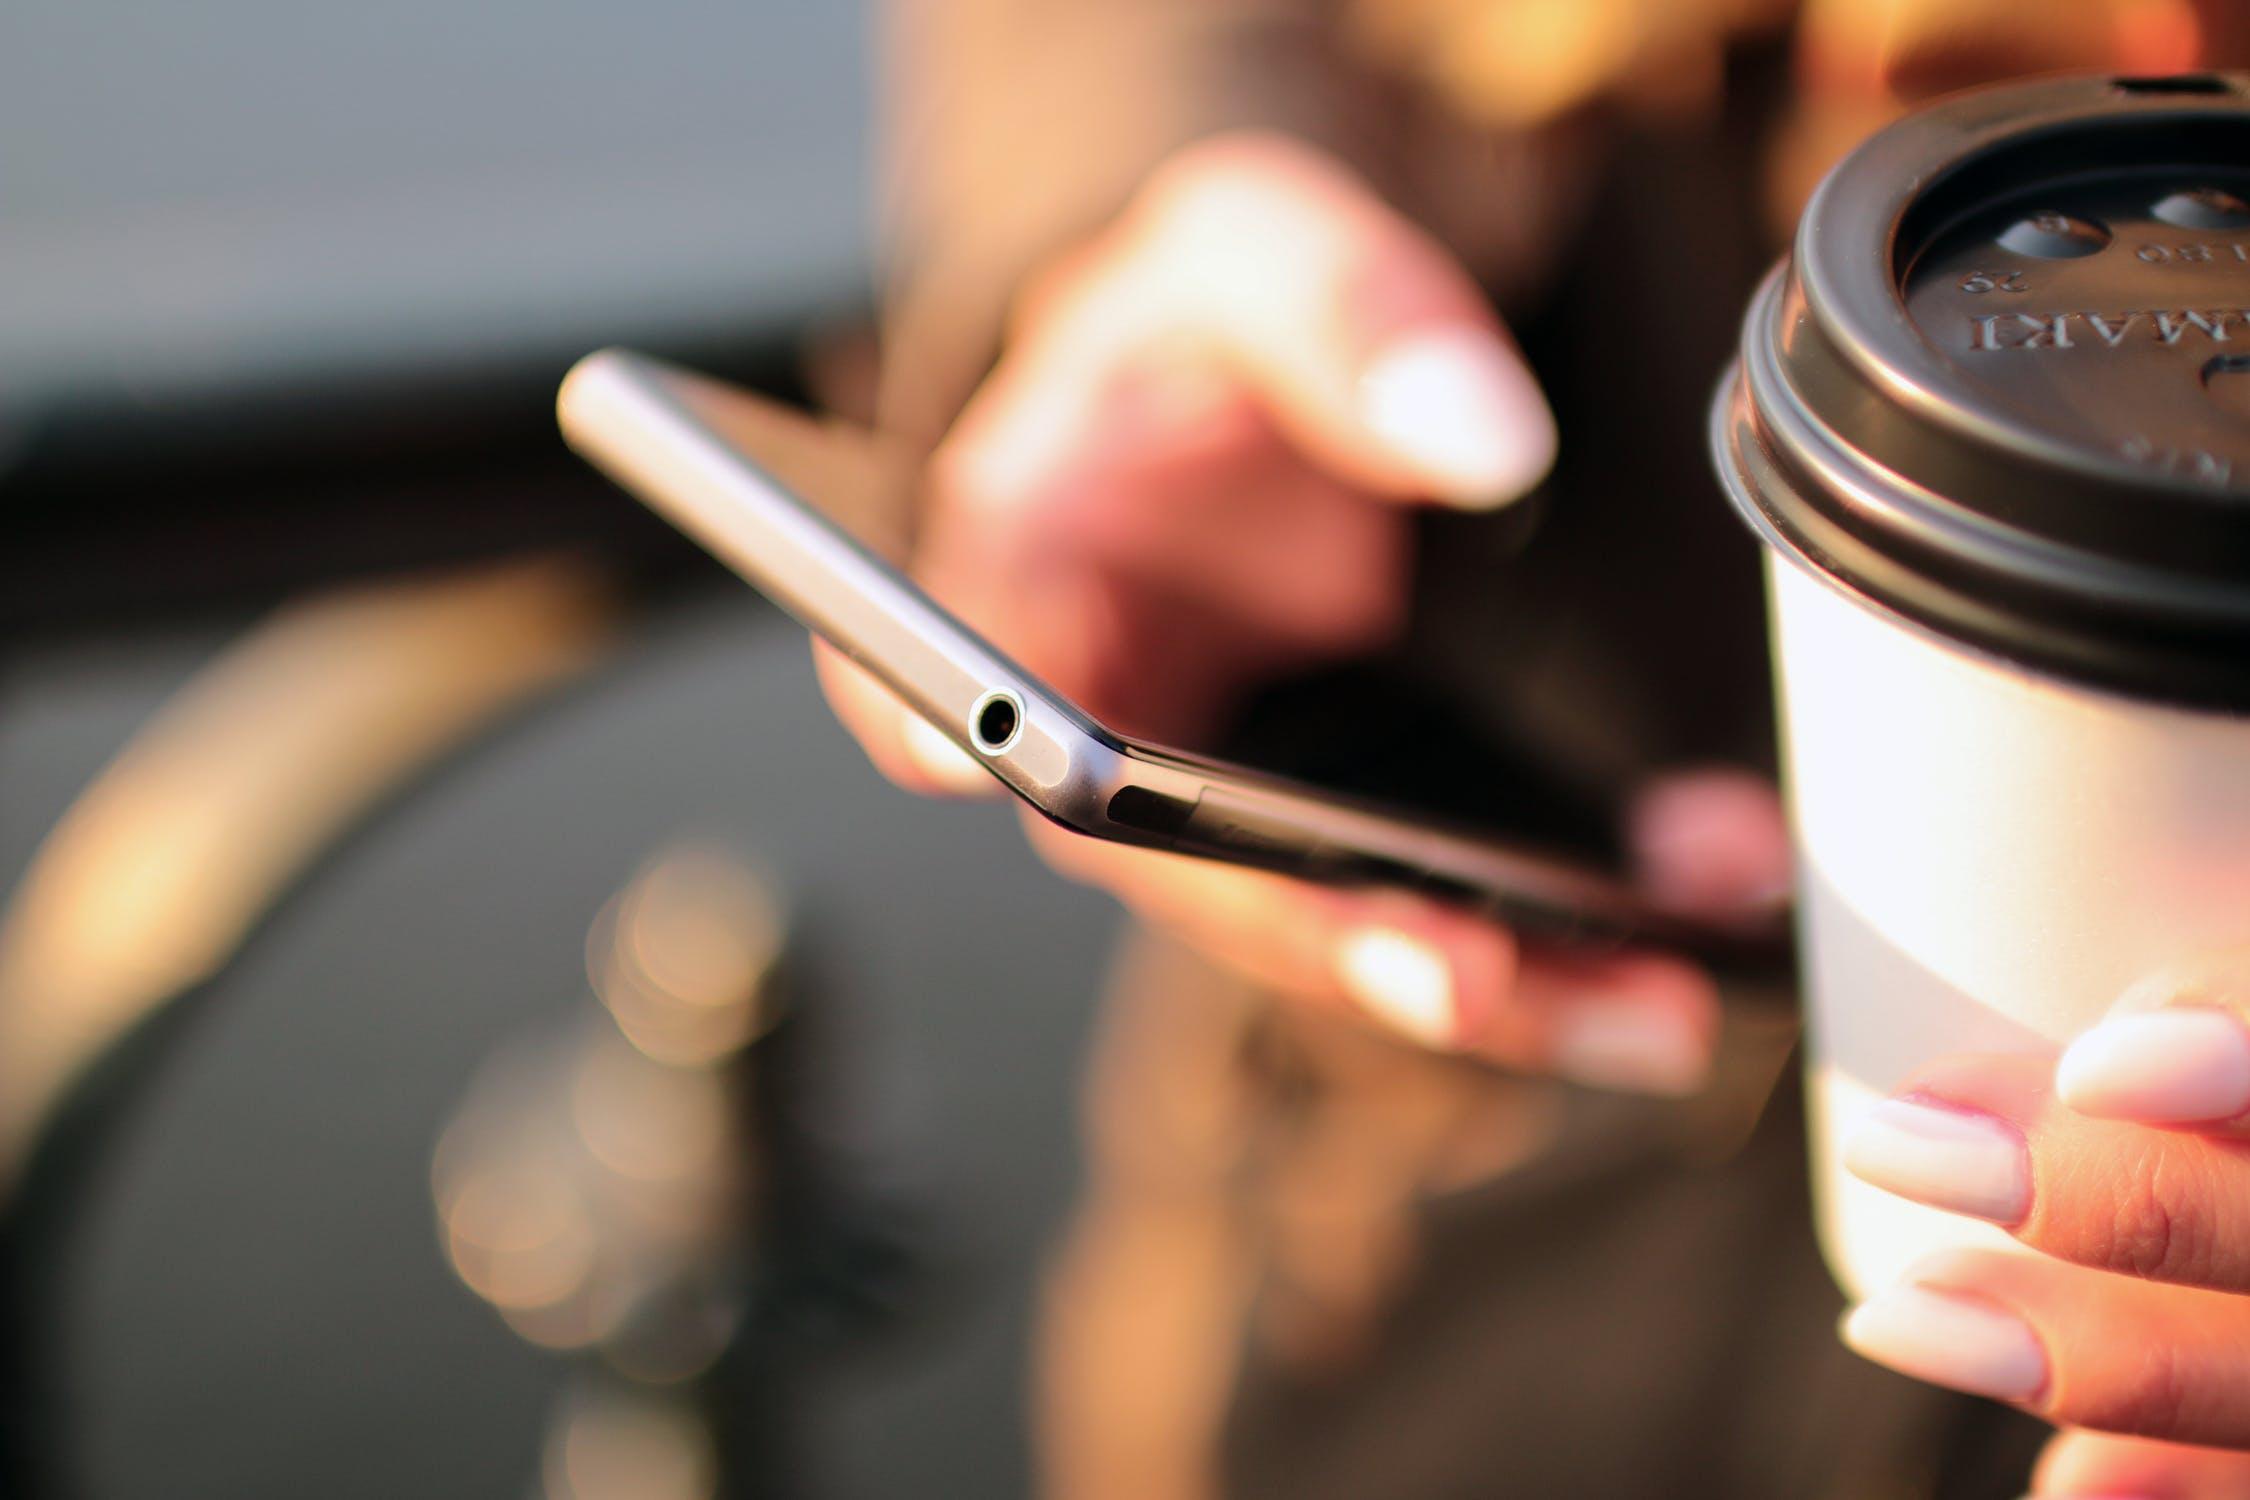 Podle čeho si vybrat mobilní telefon?